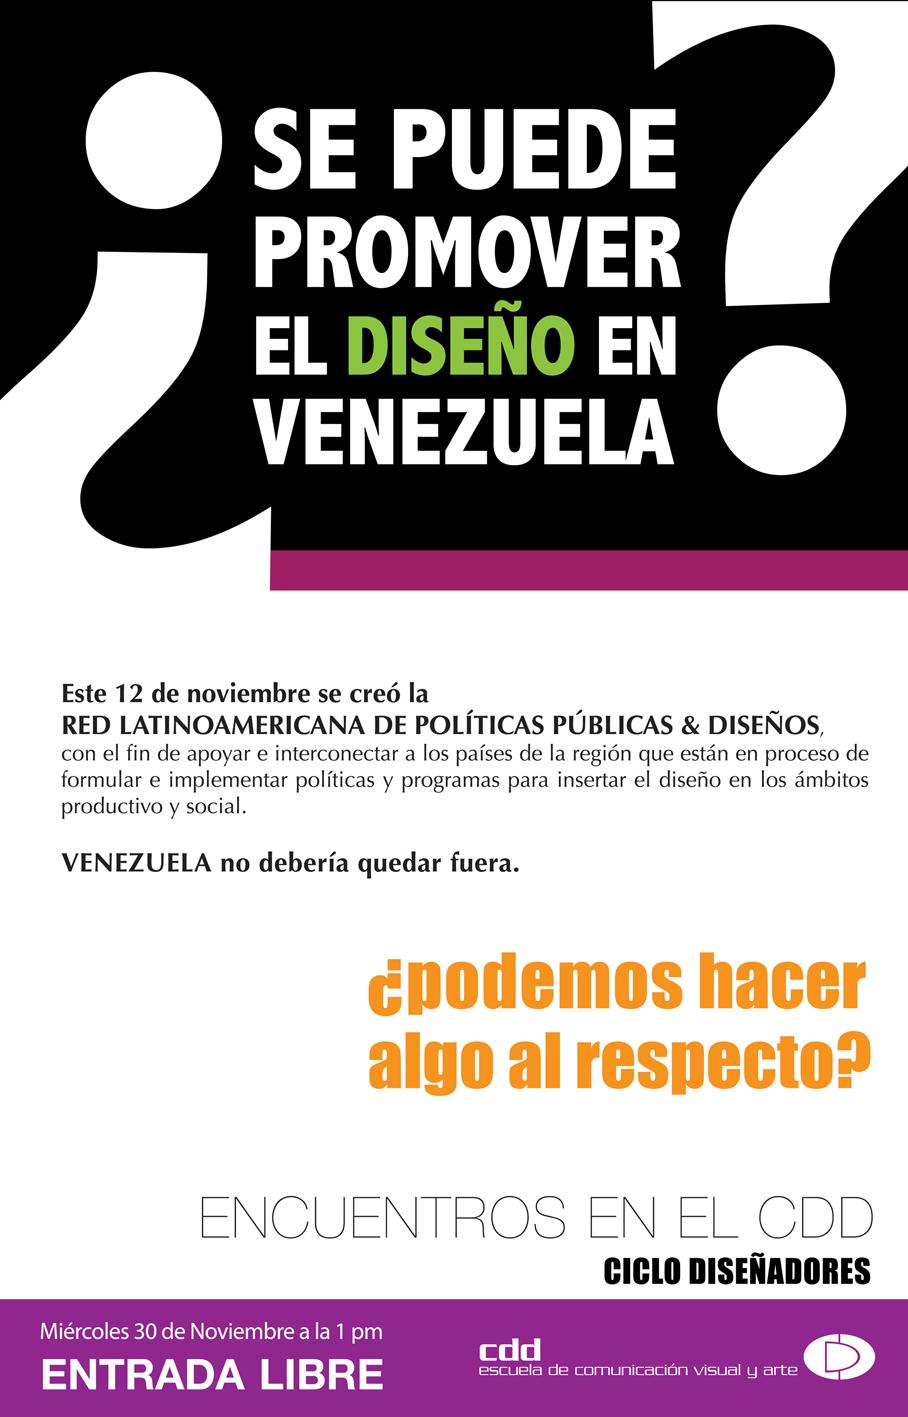 Se puede invertir en forex desde venezuela